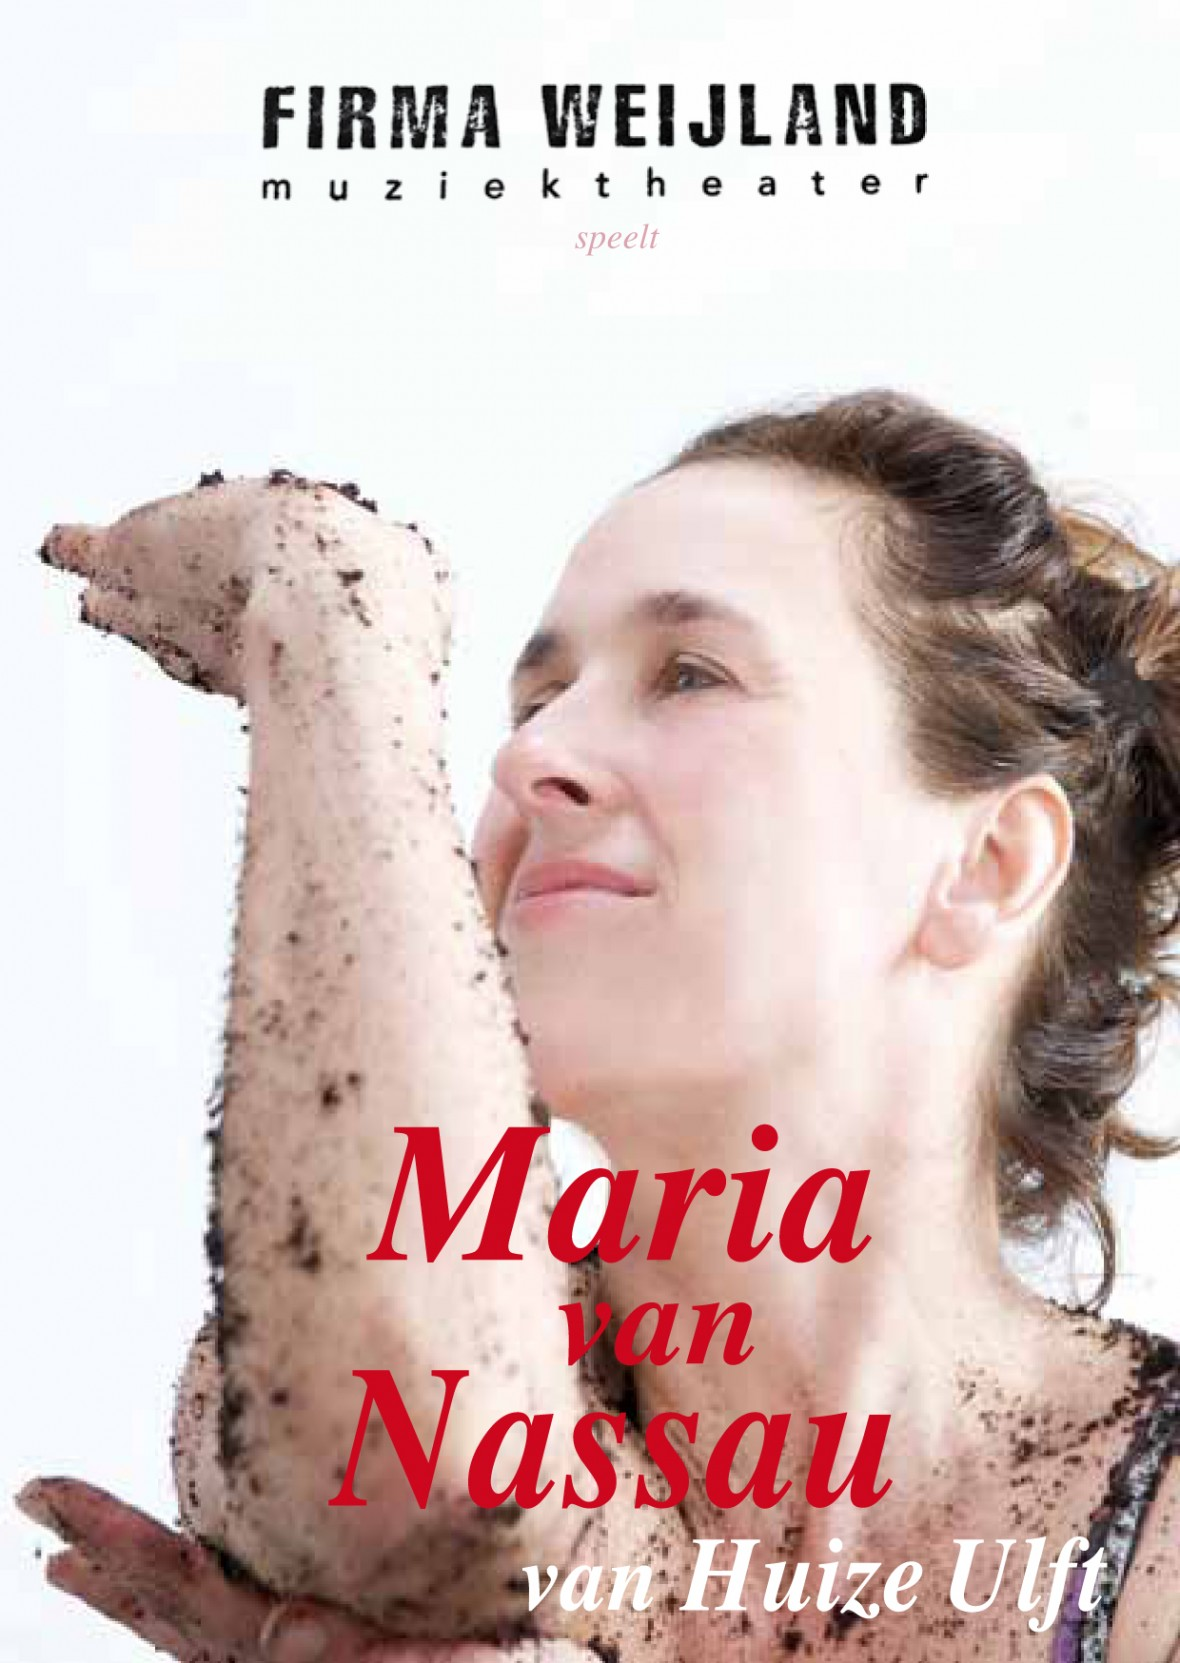 Maria van Nassau 1-1